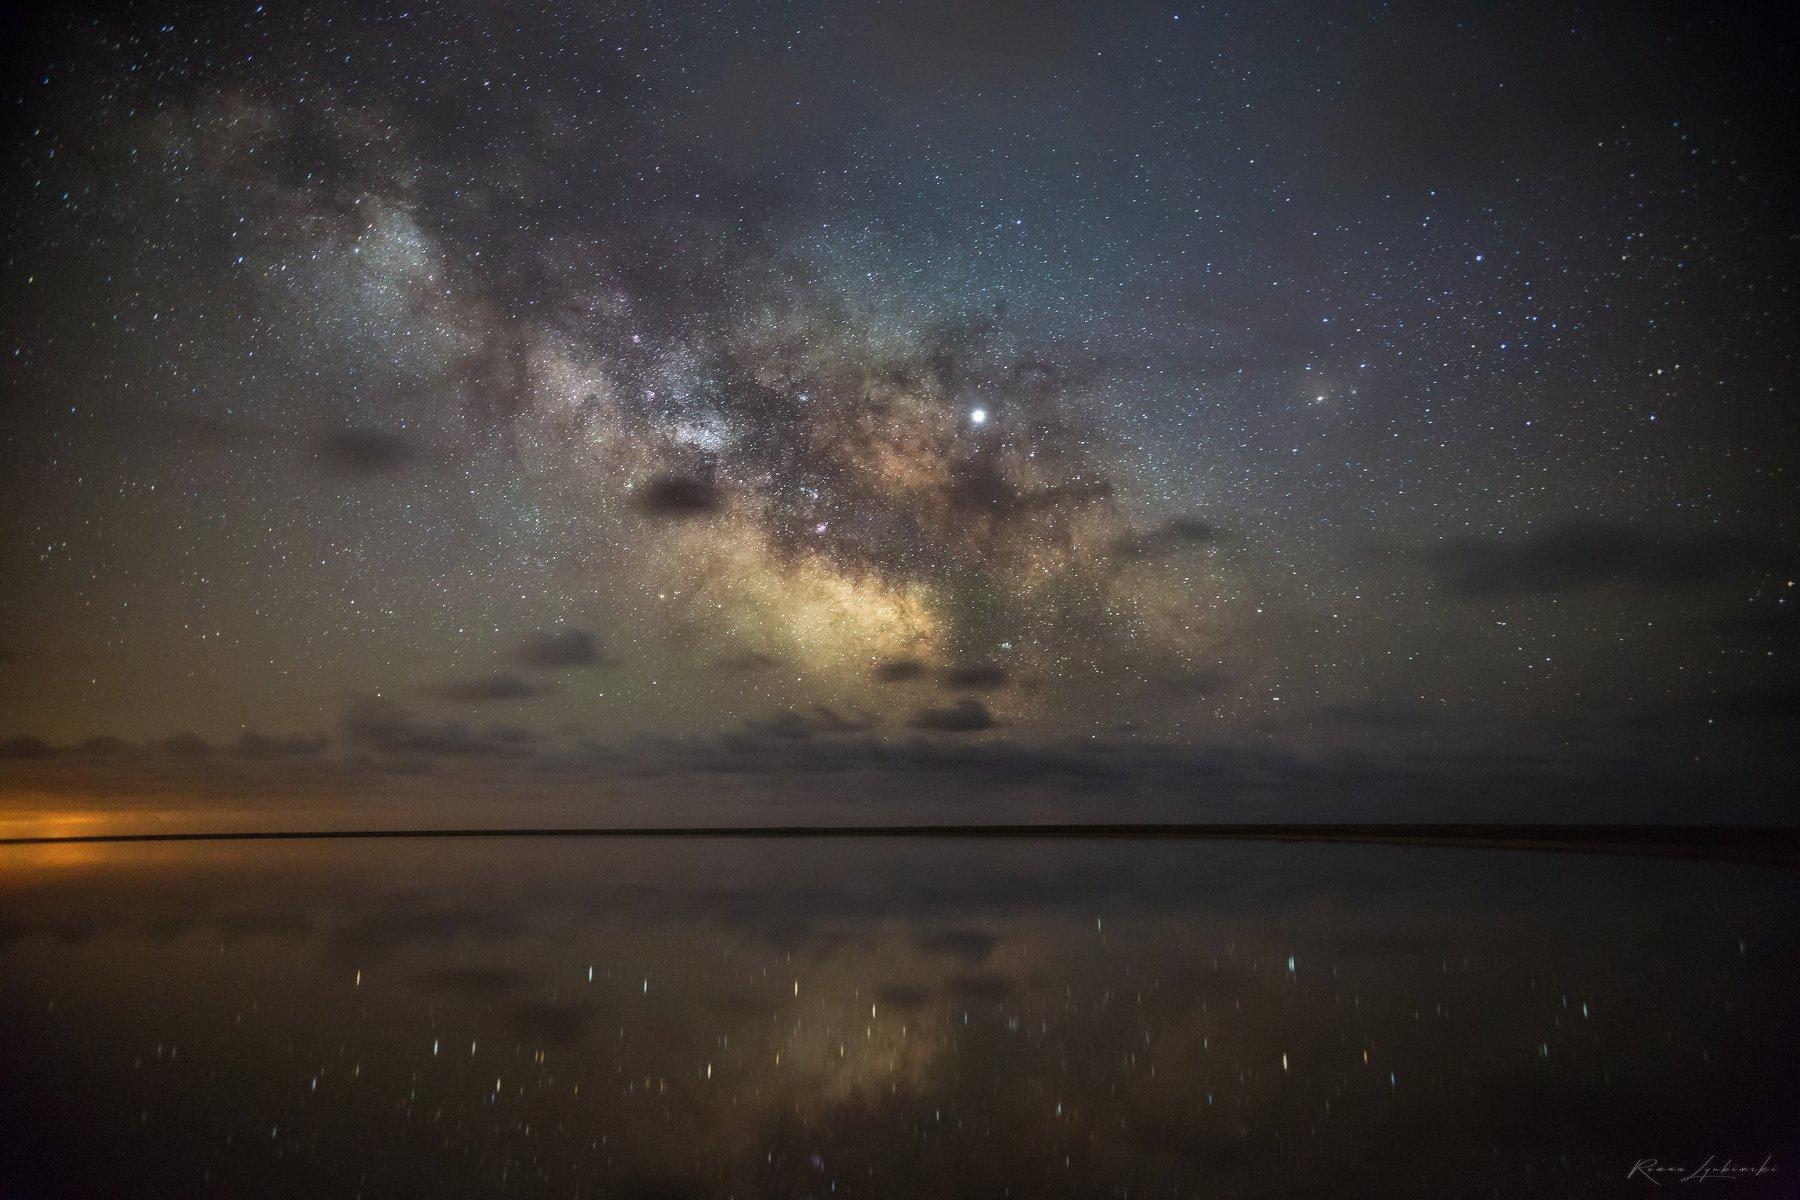 крым, роман любимский, астропейзаж, млечный путь, Роман Любимский